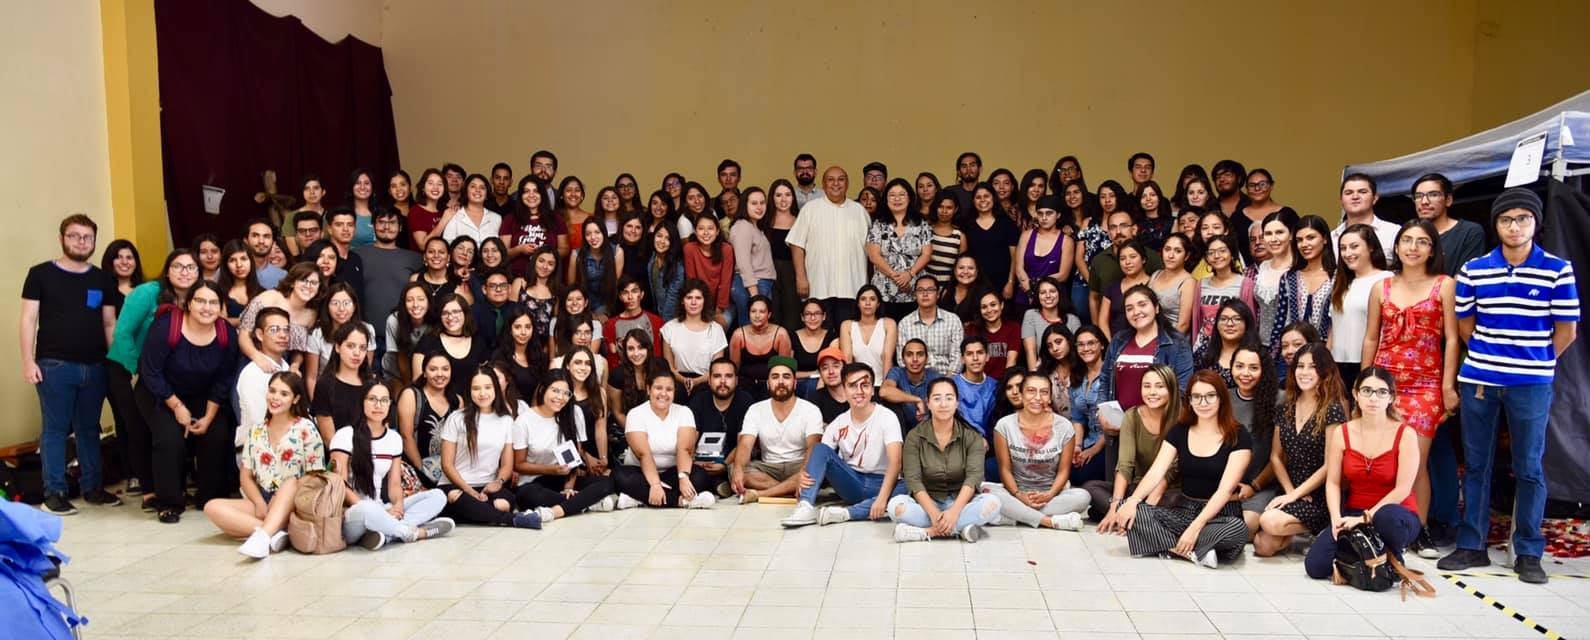 Foto panorámica del extenso grupo de participantes en Expo Forense